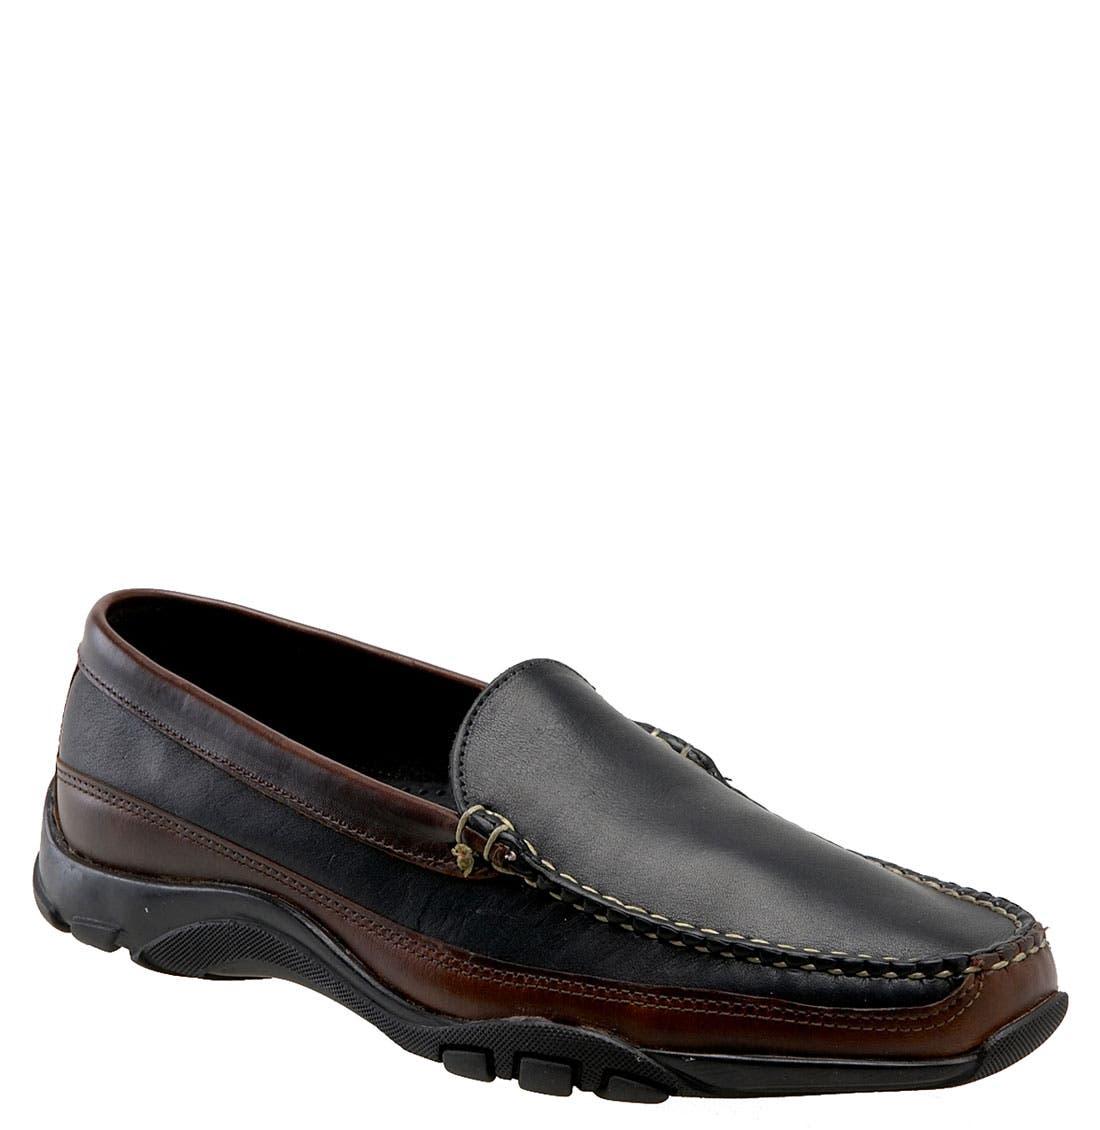 'Boulder' Driving Loafer, Main, color, Black/Brown